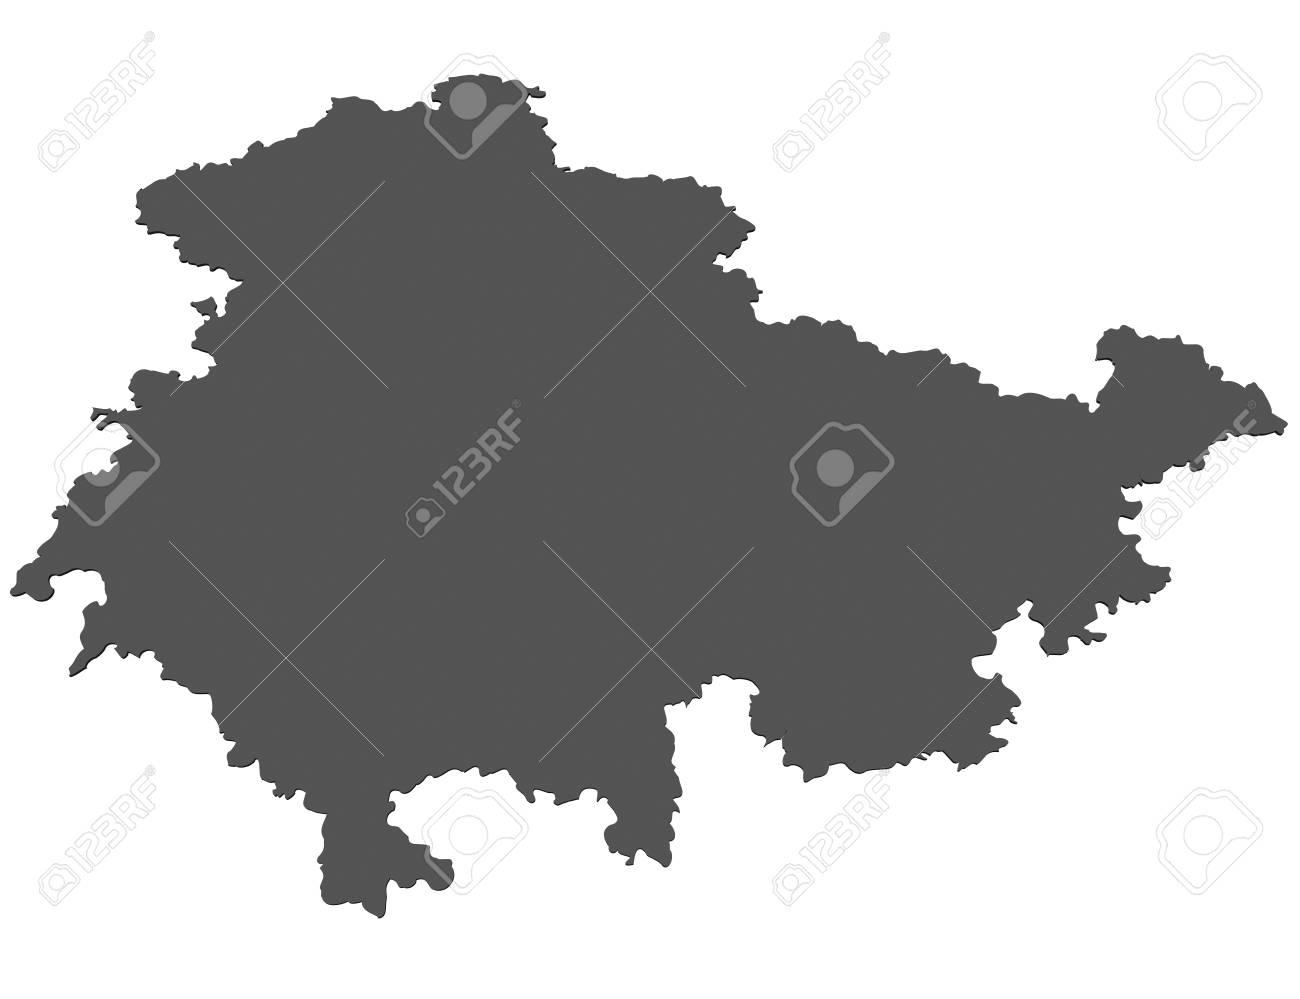 Carte Allemagne Thuringe.Carte Isolee De L Etat De Thuringe Allemagne Banque D Images Et